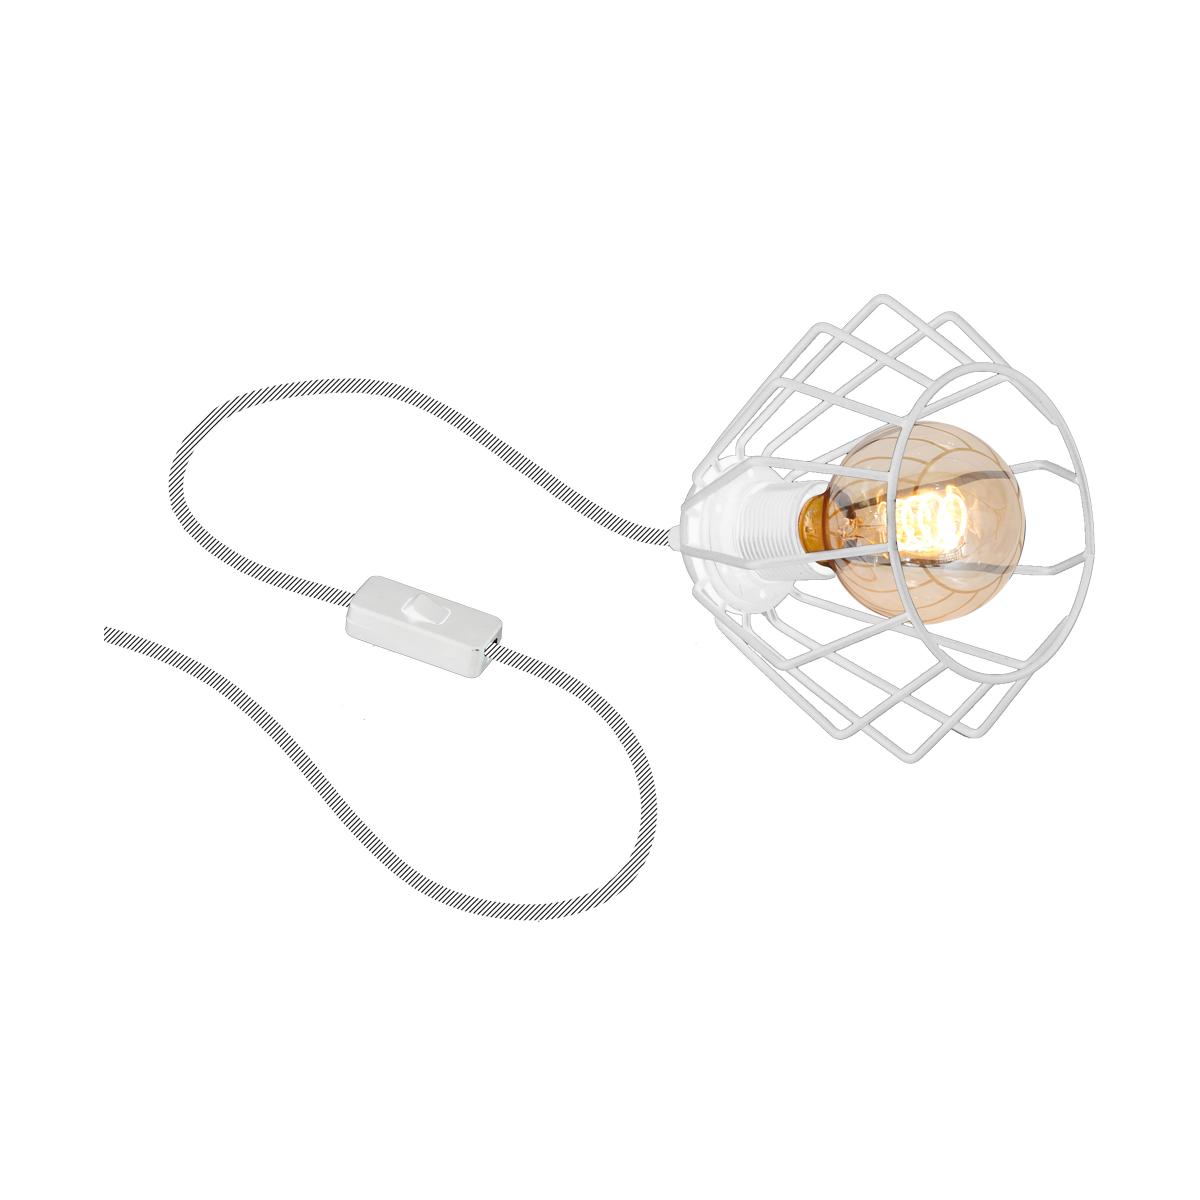 klosz biały ( kabel w białym oplocie )